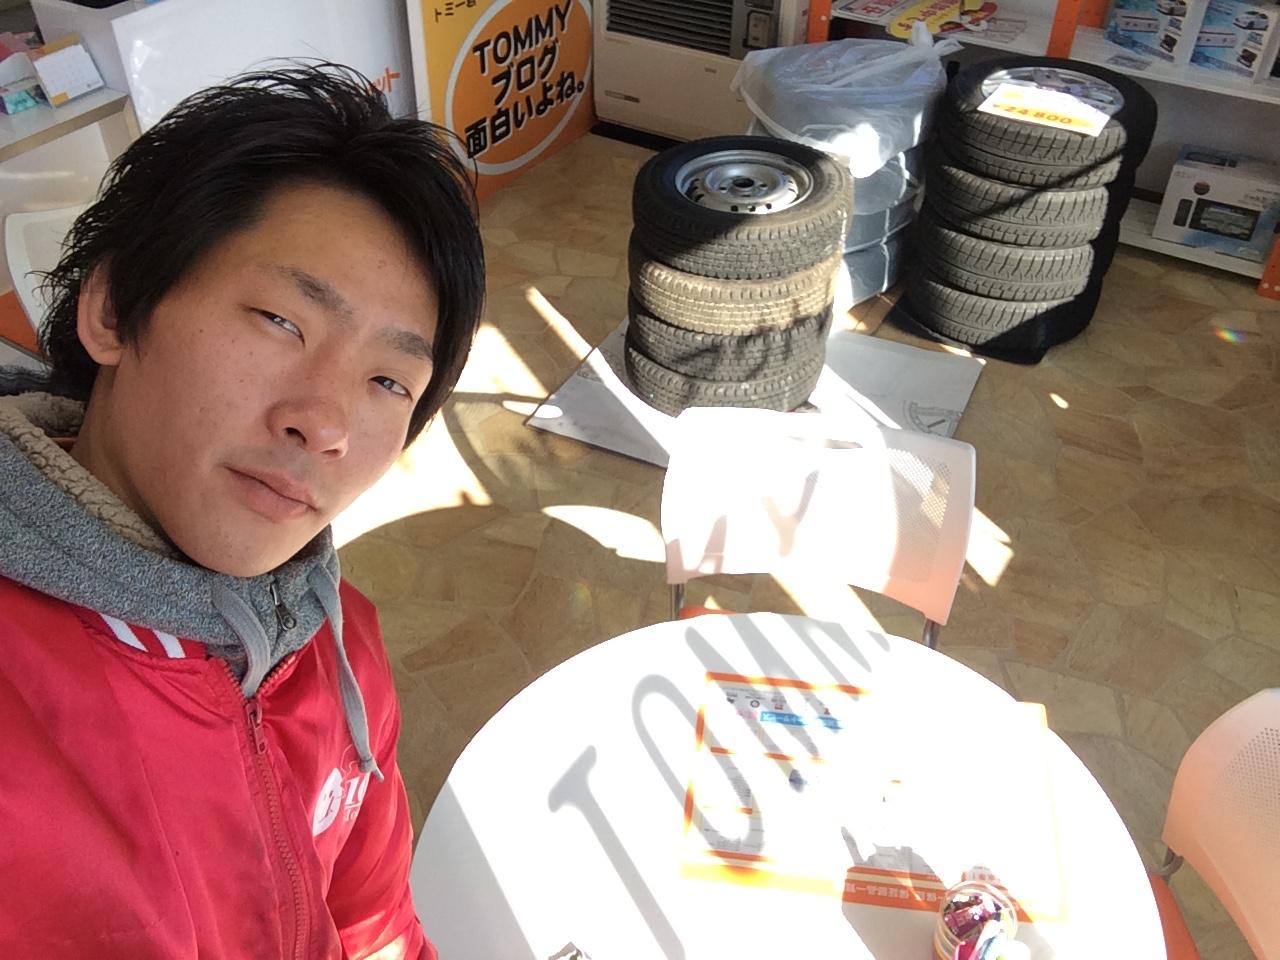 ノア・ヴォクシー・タント・ラパン・ライフ・軽自動車・店長クマブログ_b0127002_17555247.jpg